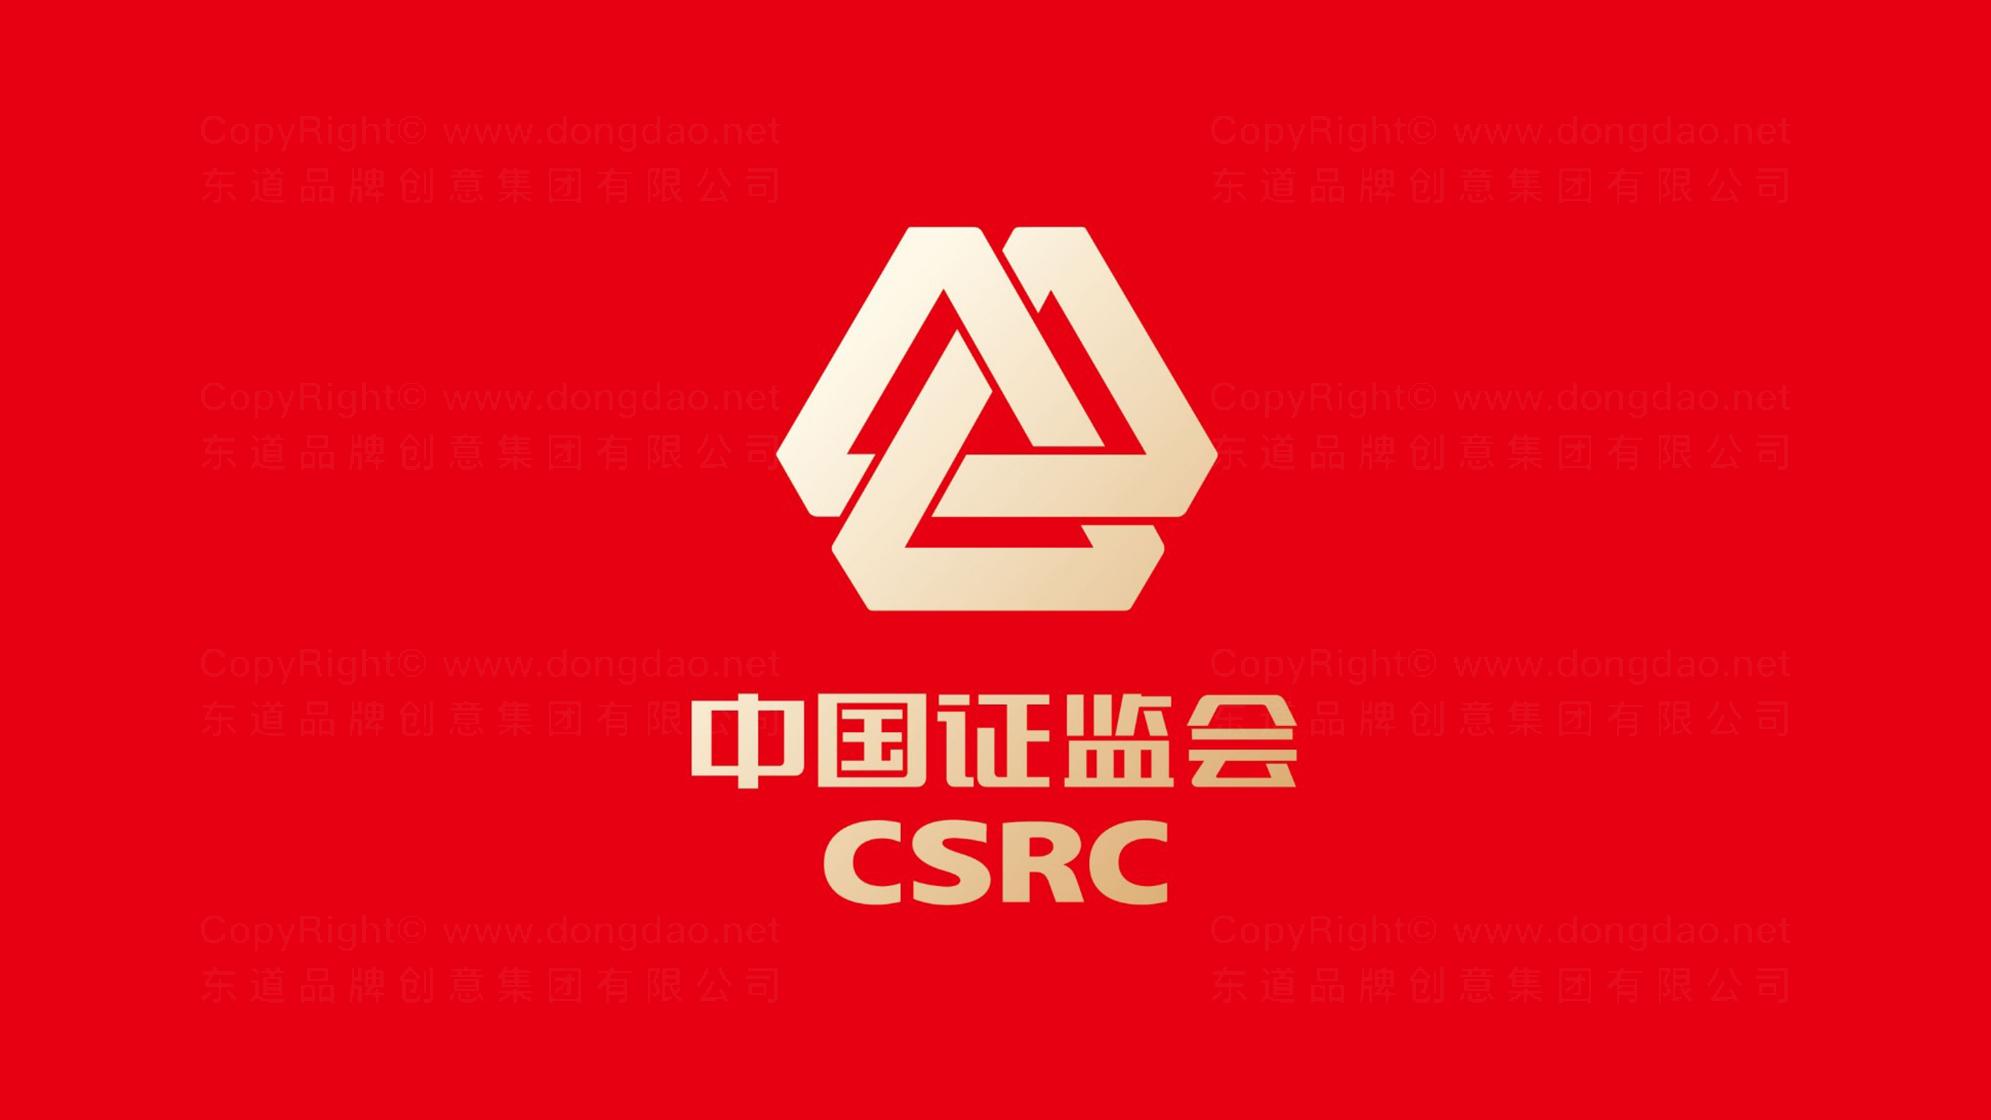 品牌设计案例中国证监会LOGO&VI设计